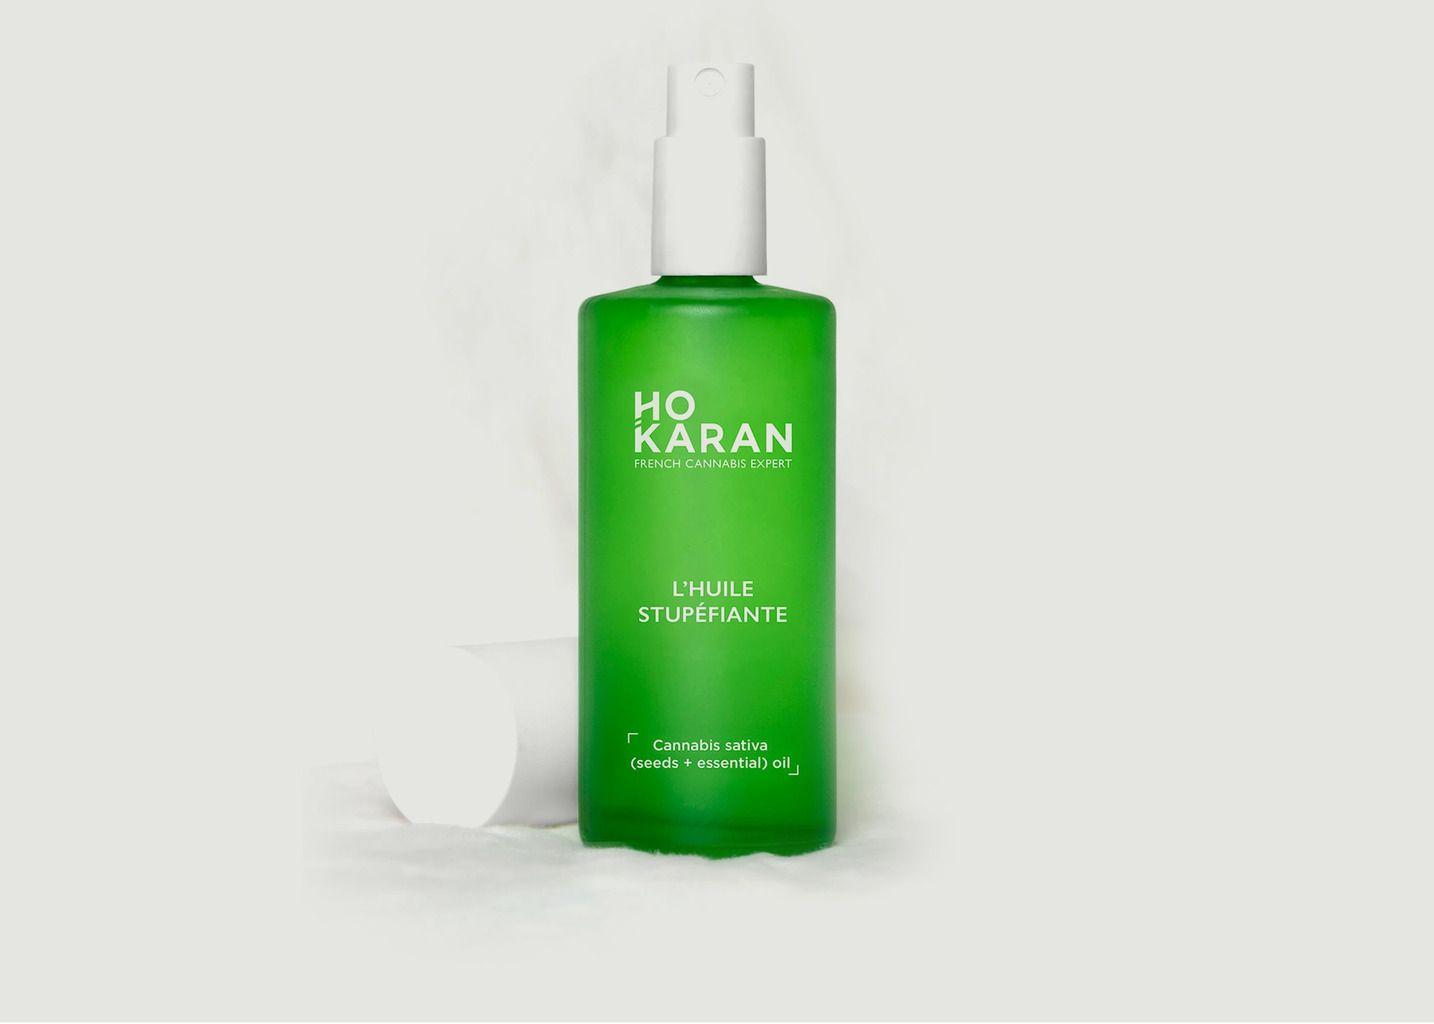 L'huile stupéfiante - Ho Karan